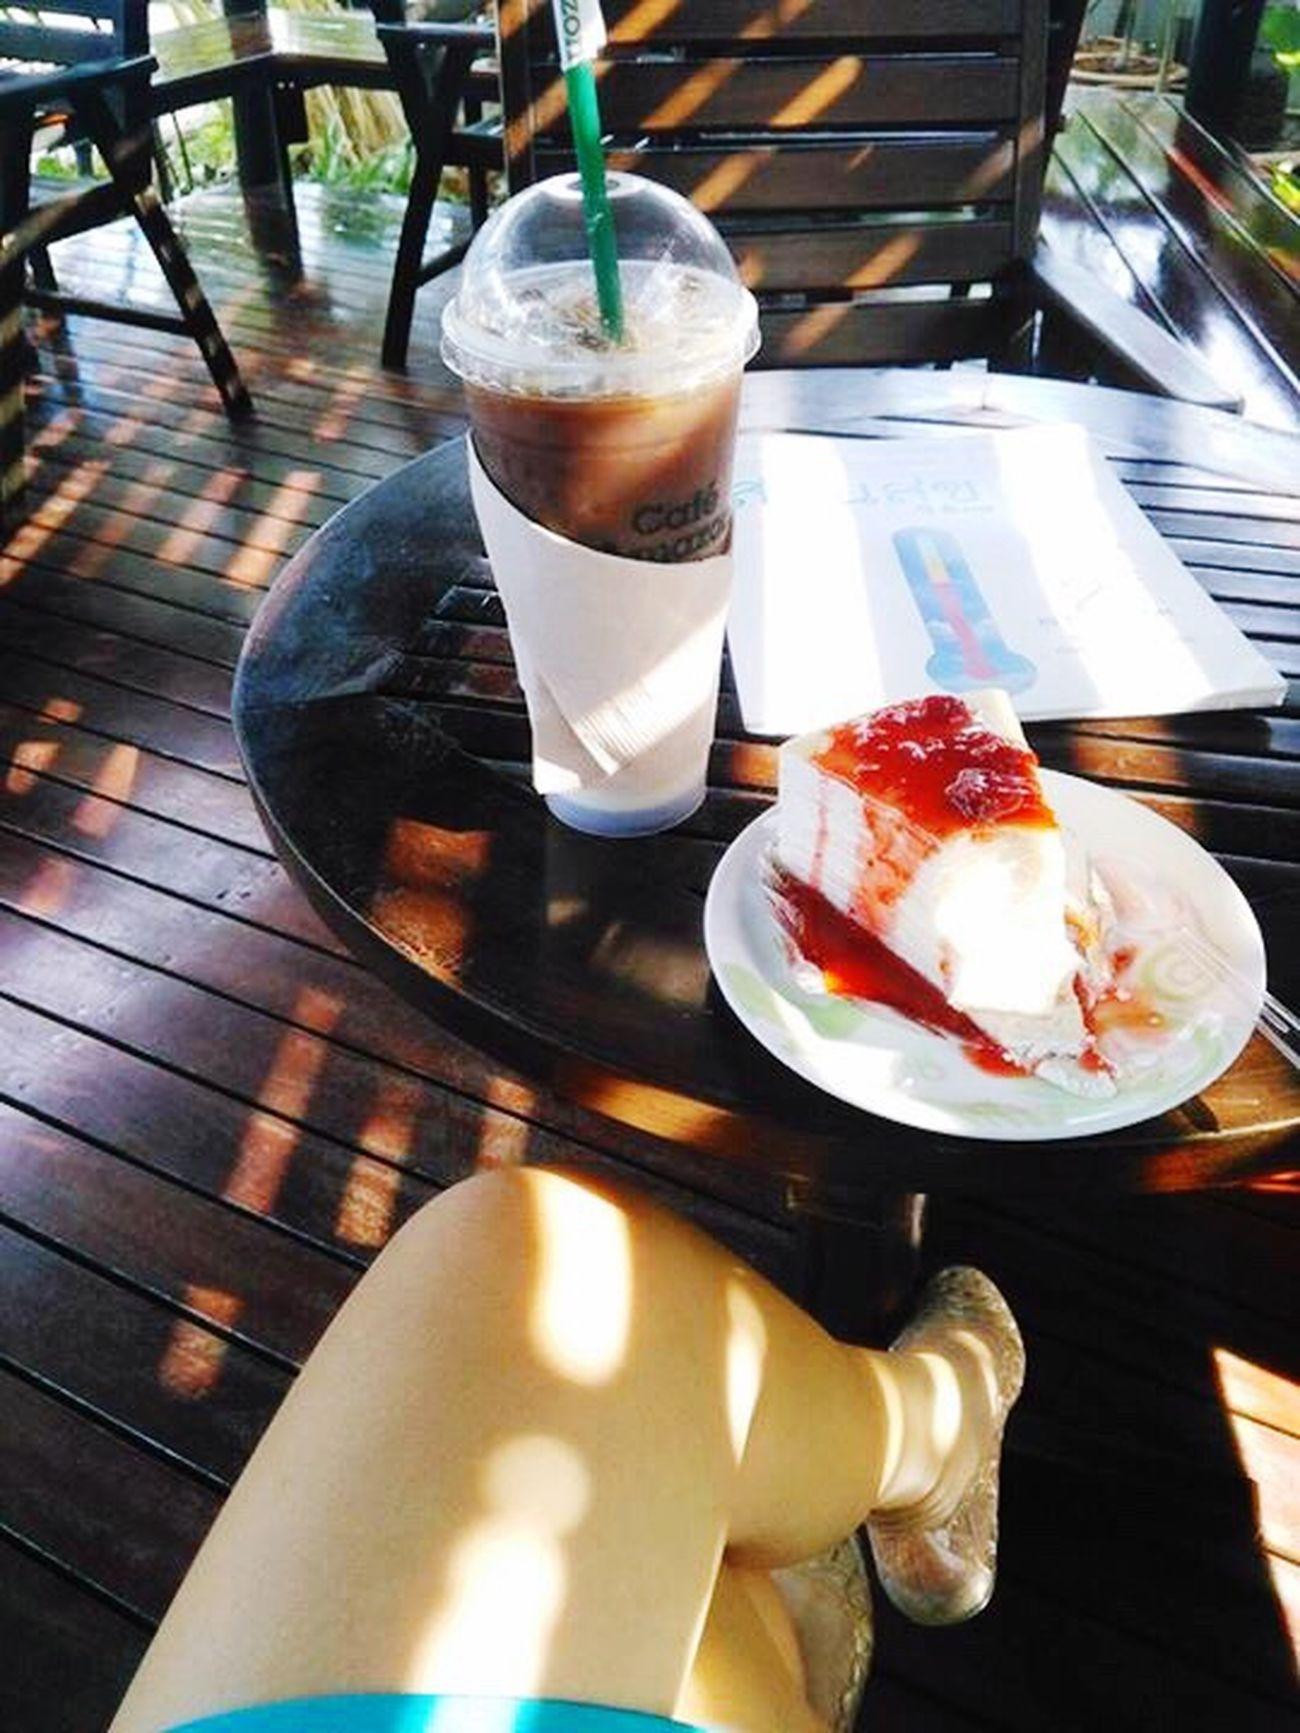 Hello fine day Coffee Crape Cake